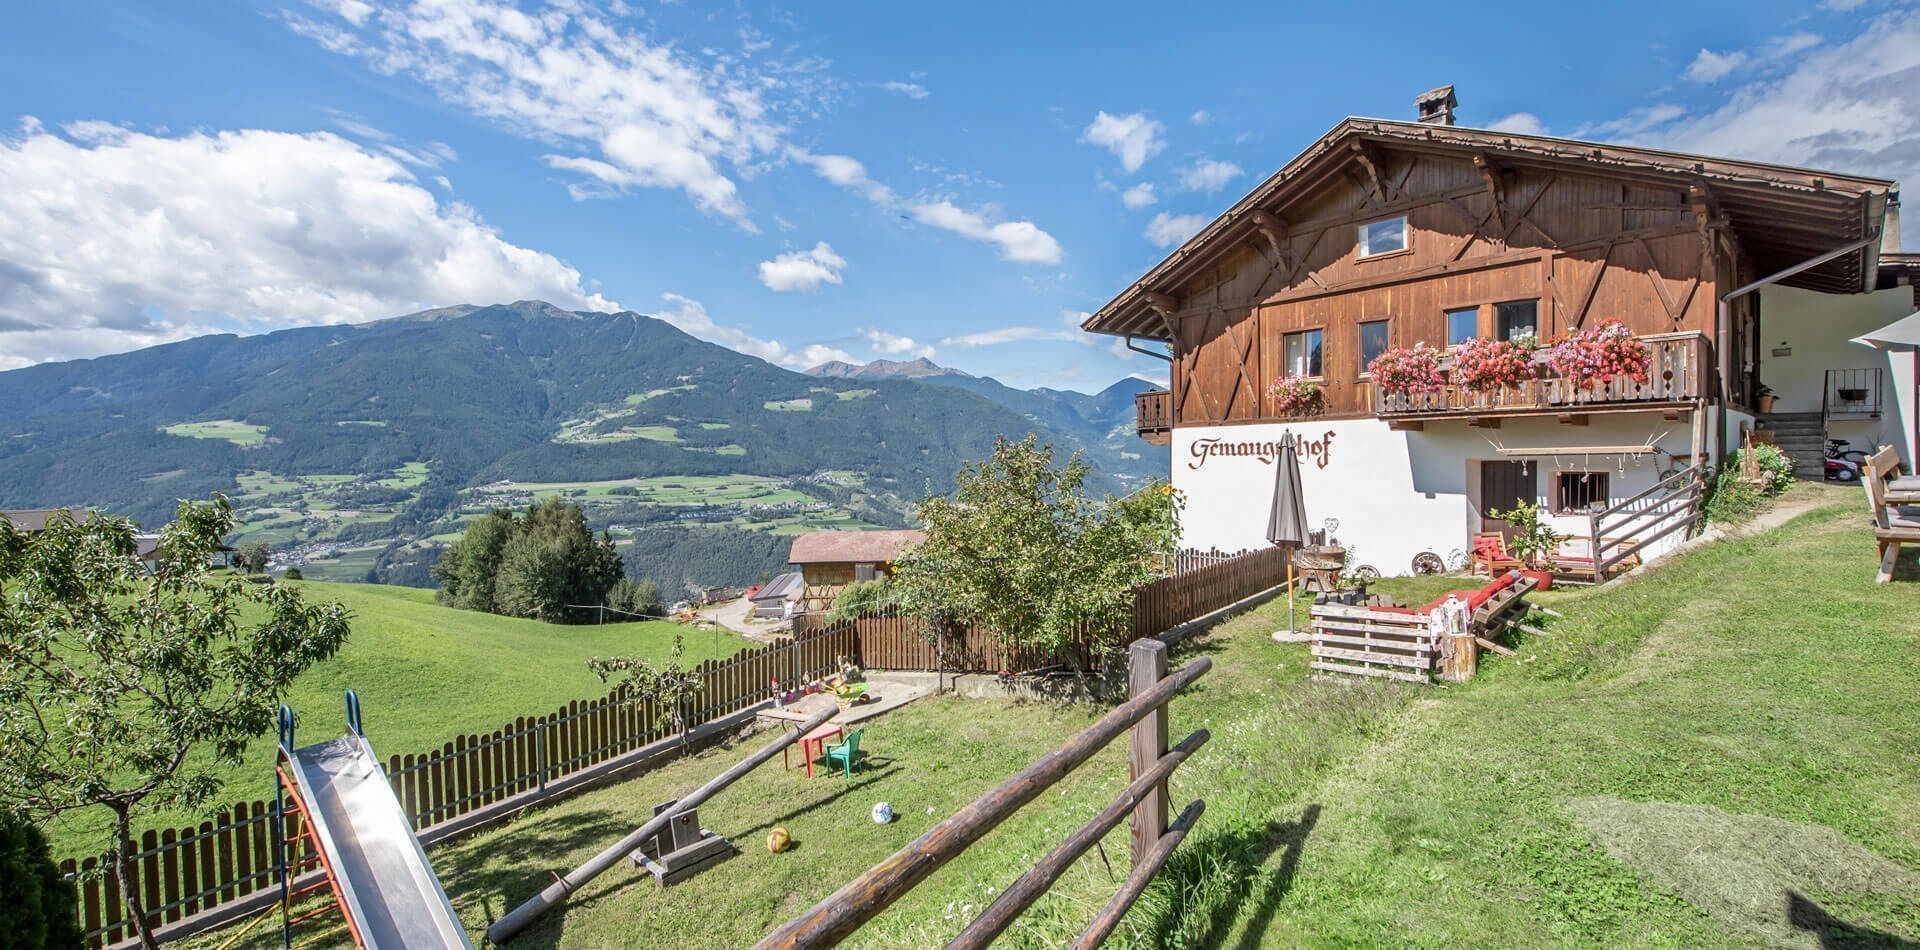 Gemangerhof Mellaun - Urlaub auf dem Bauernhof in Südtirol